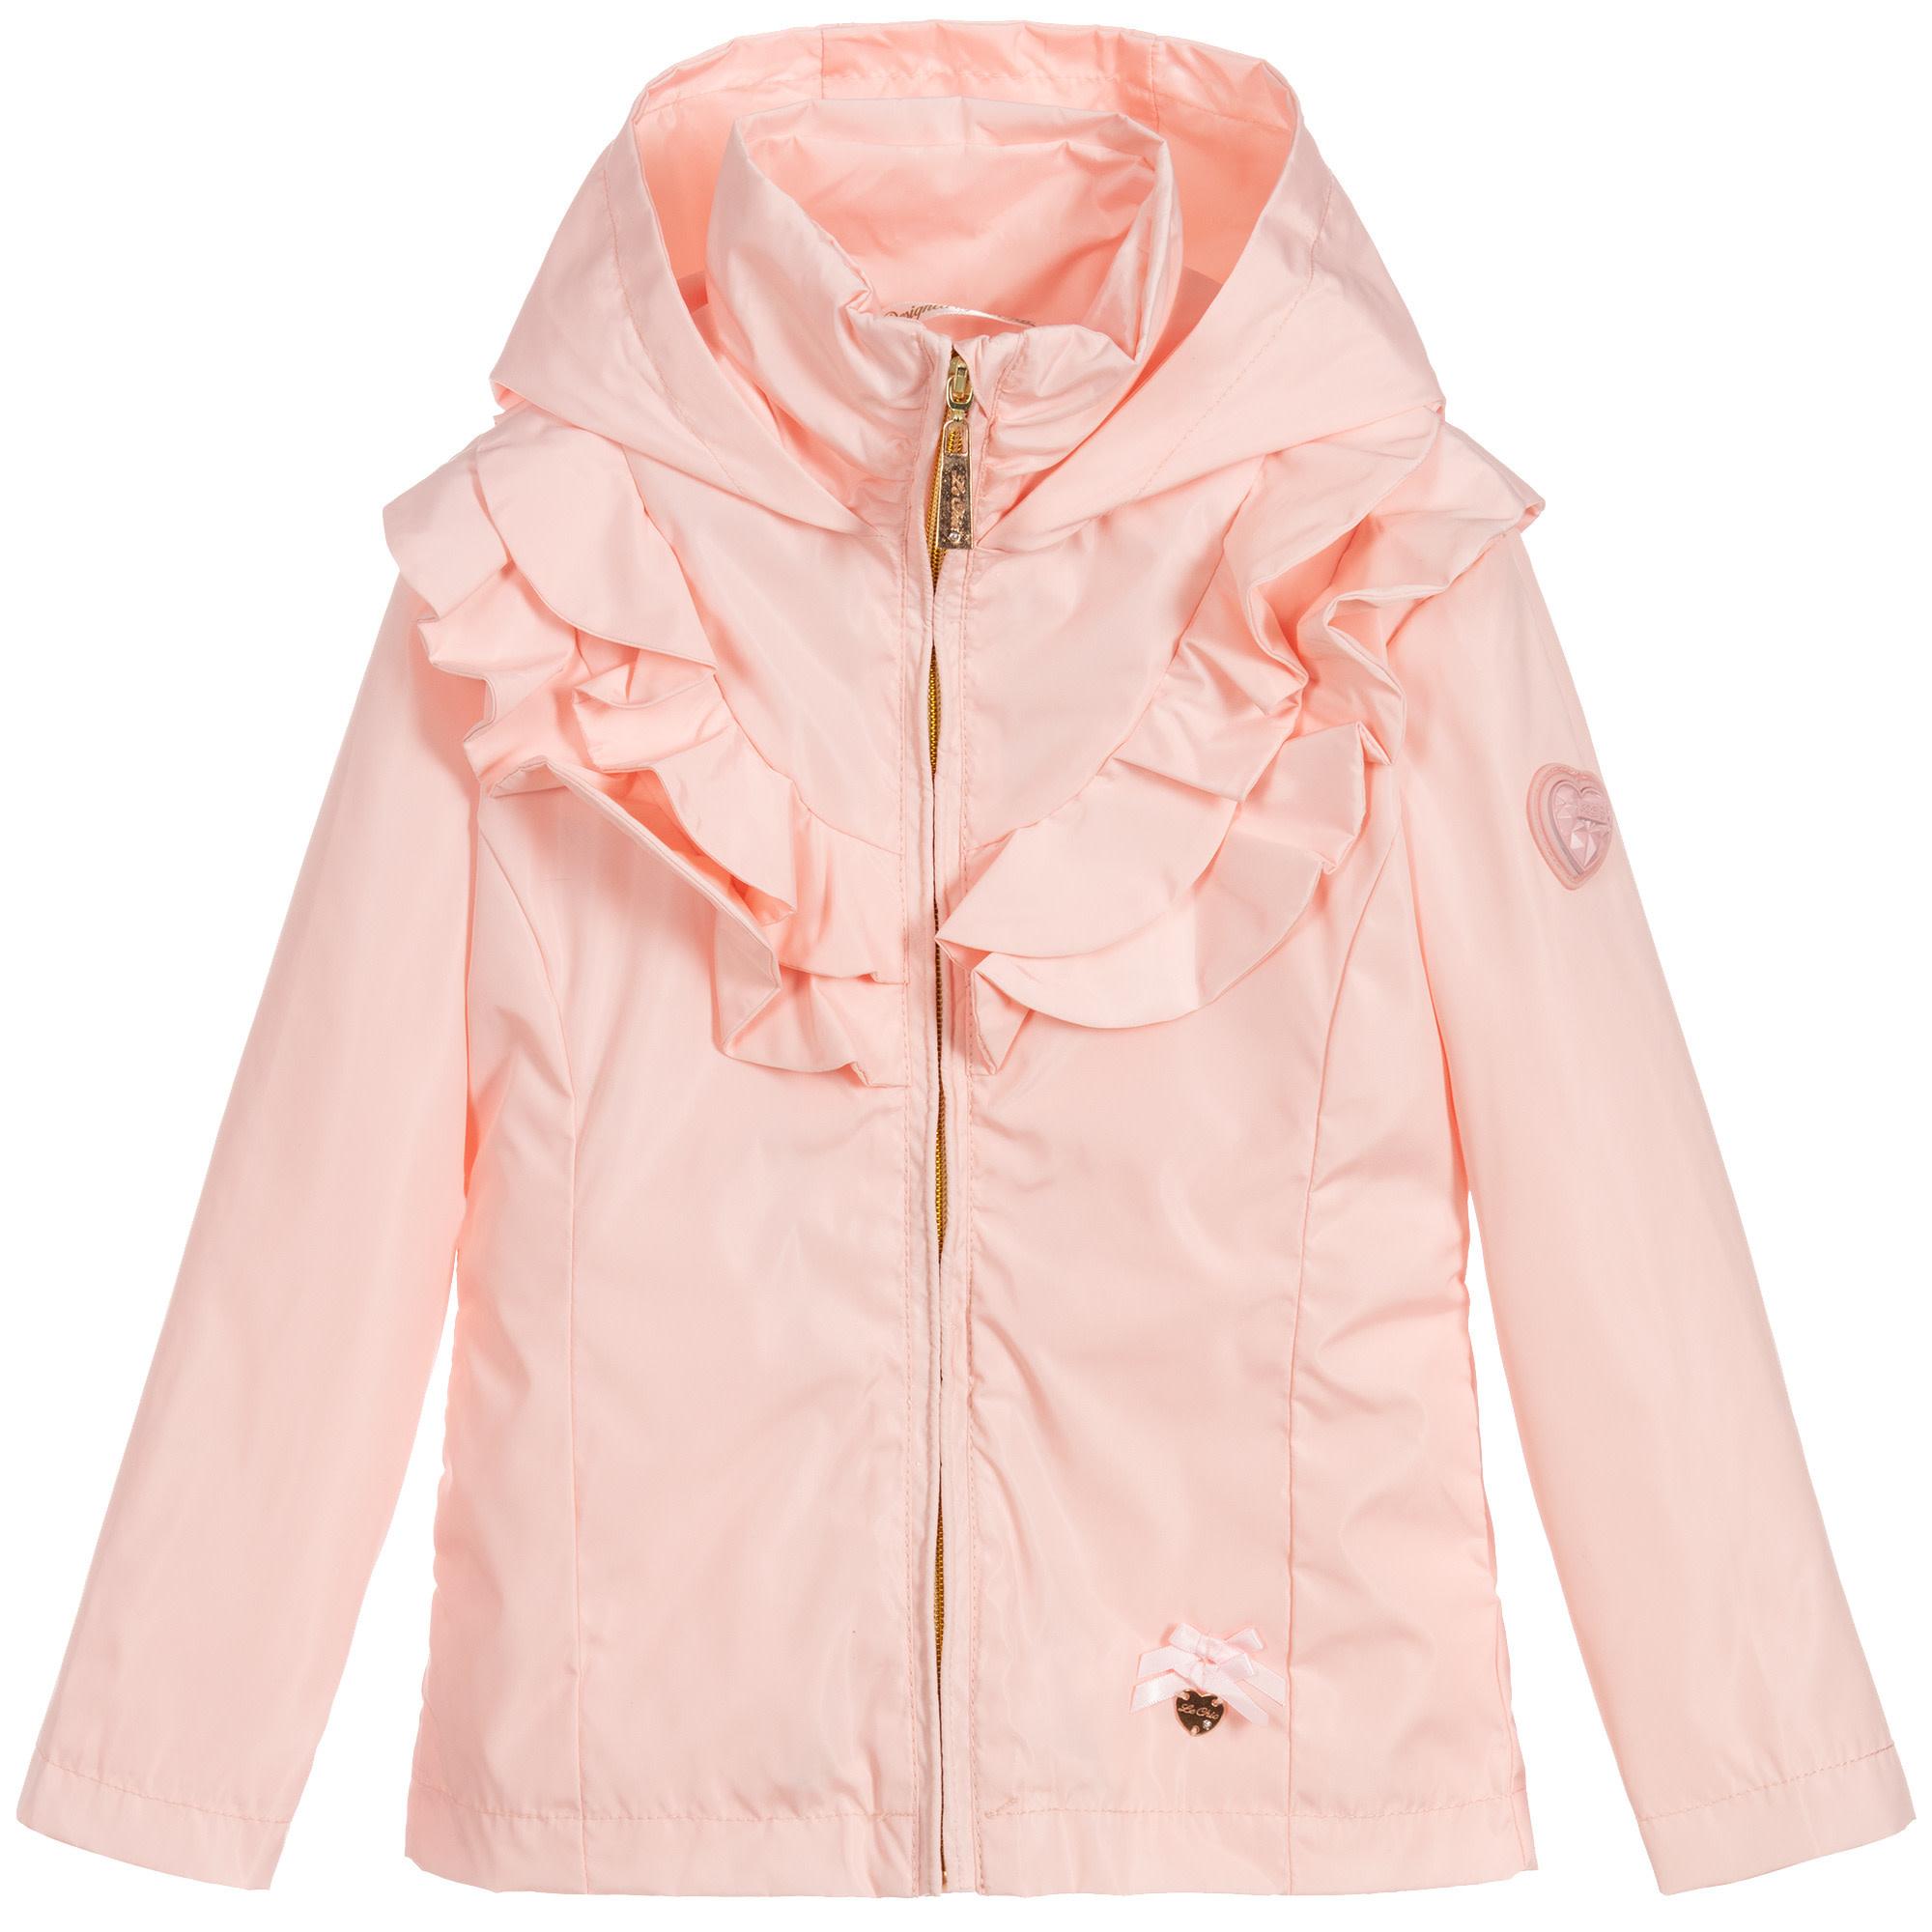 Lechic LeChic Pink Short Ruffle Plain Coat 5205